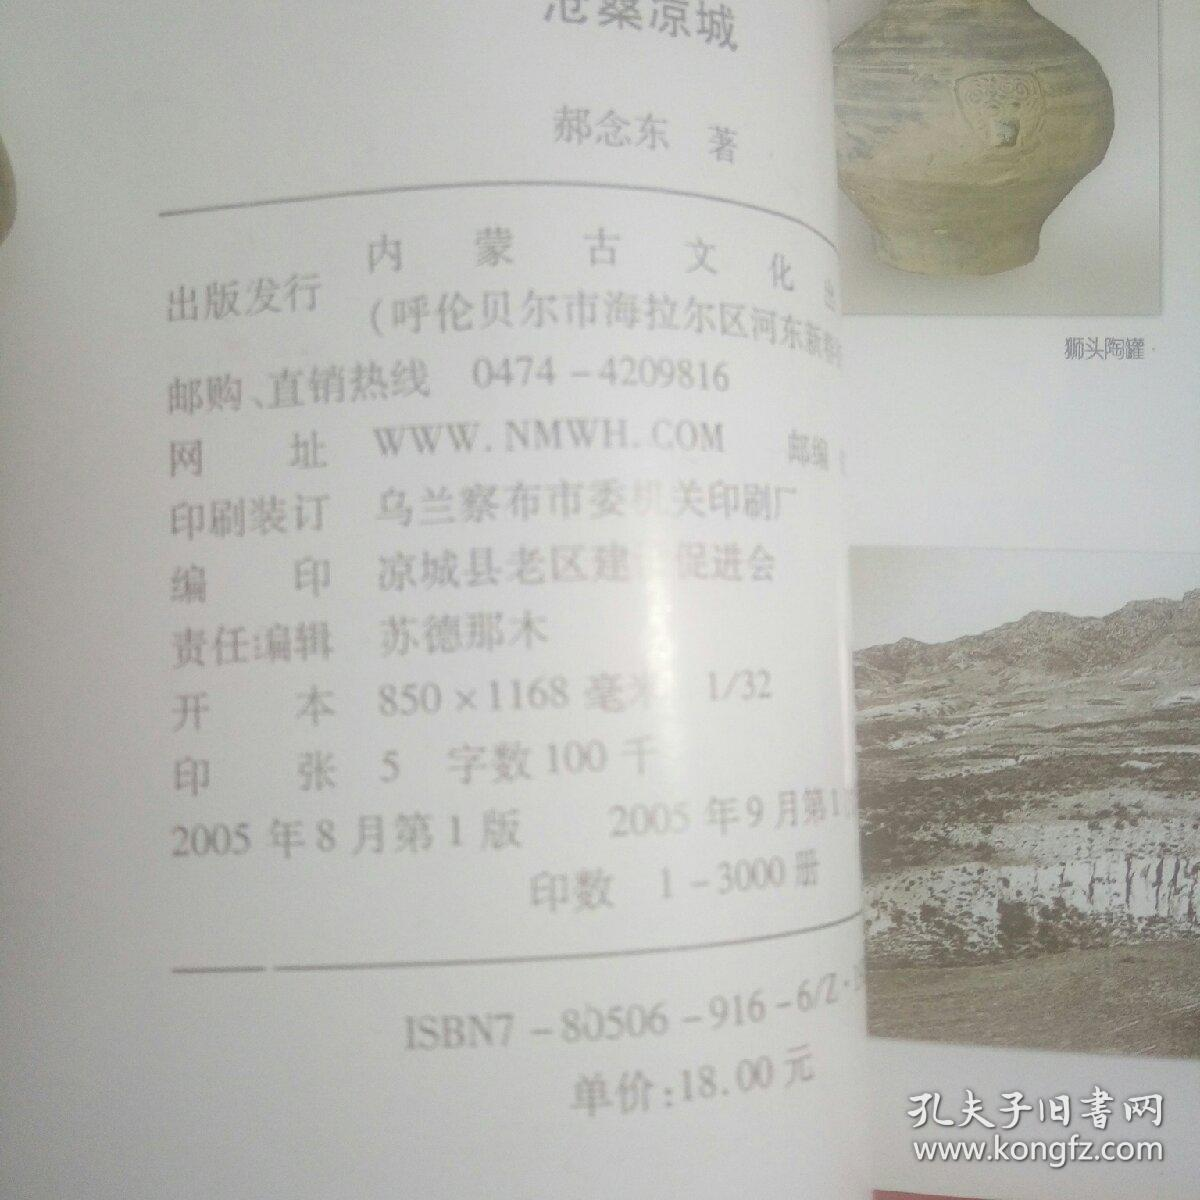 凉城天福寺僧人